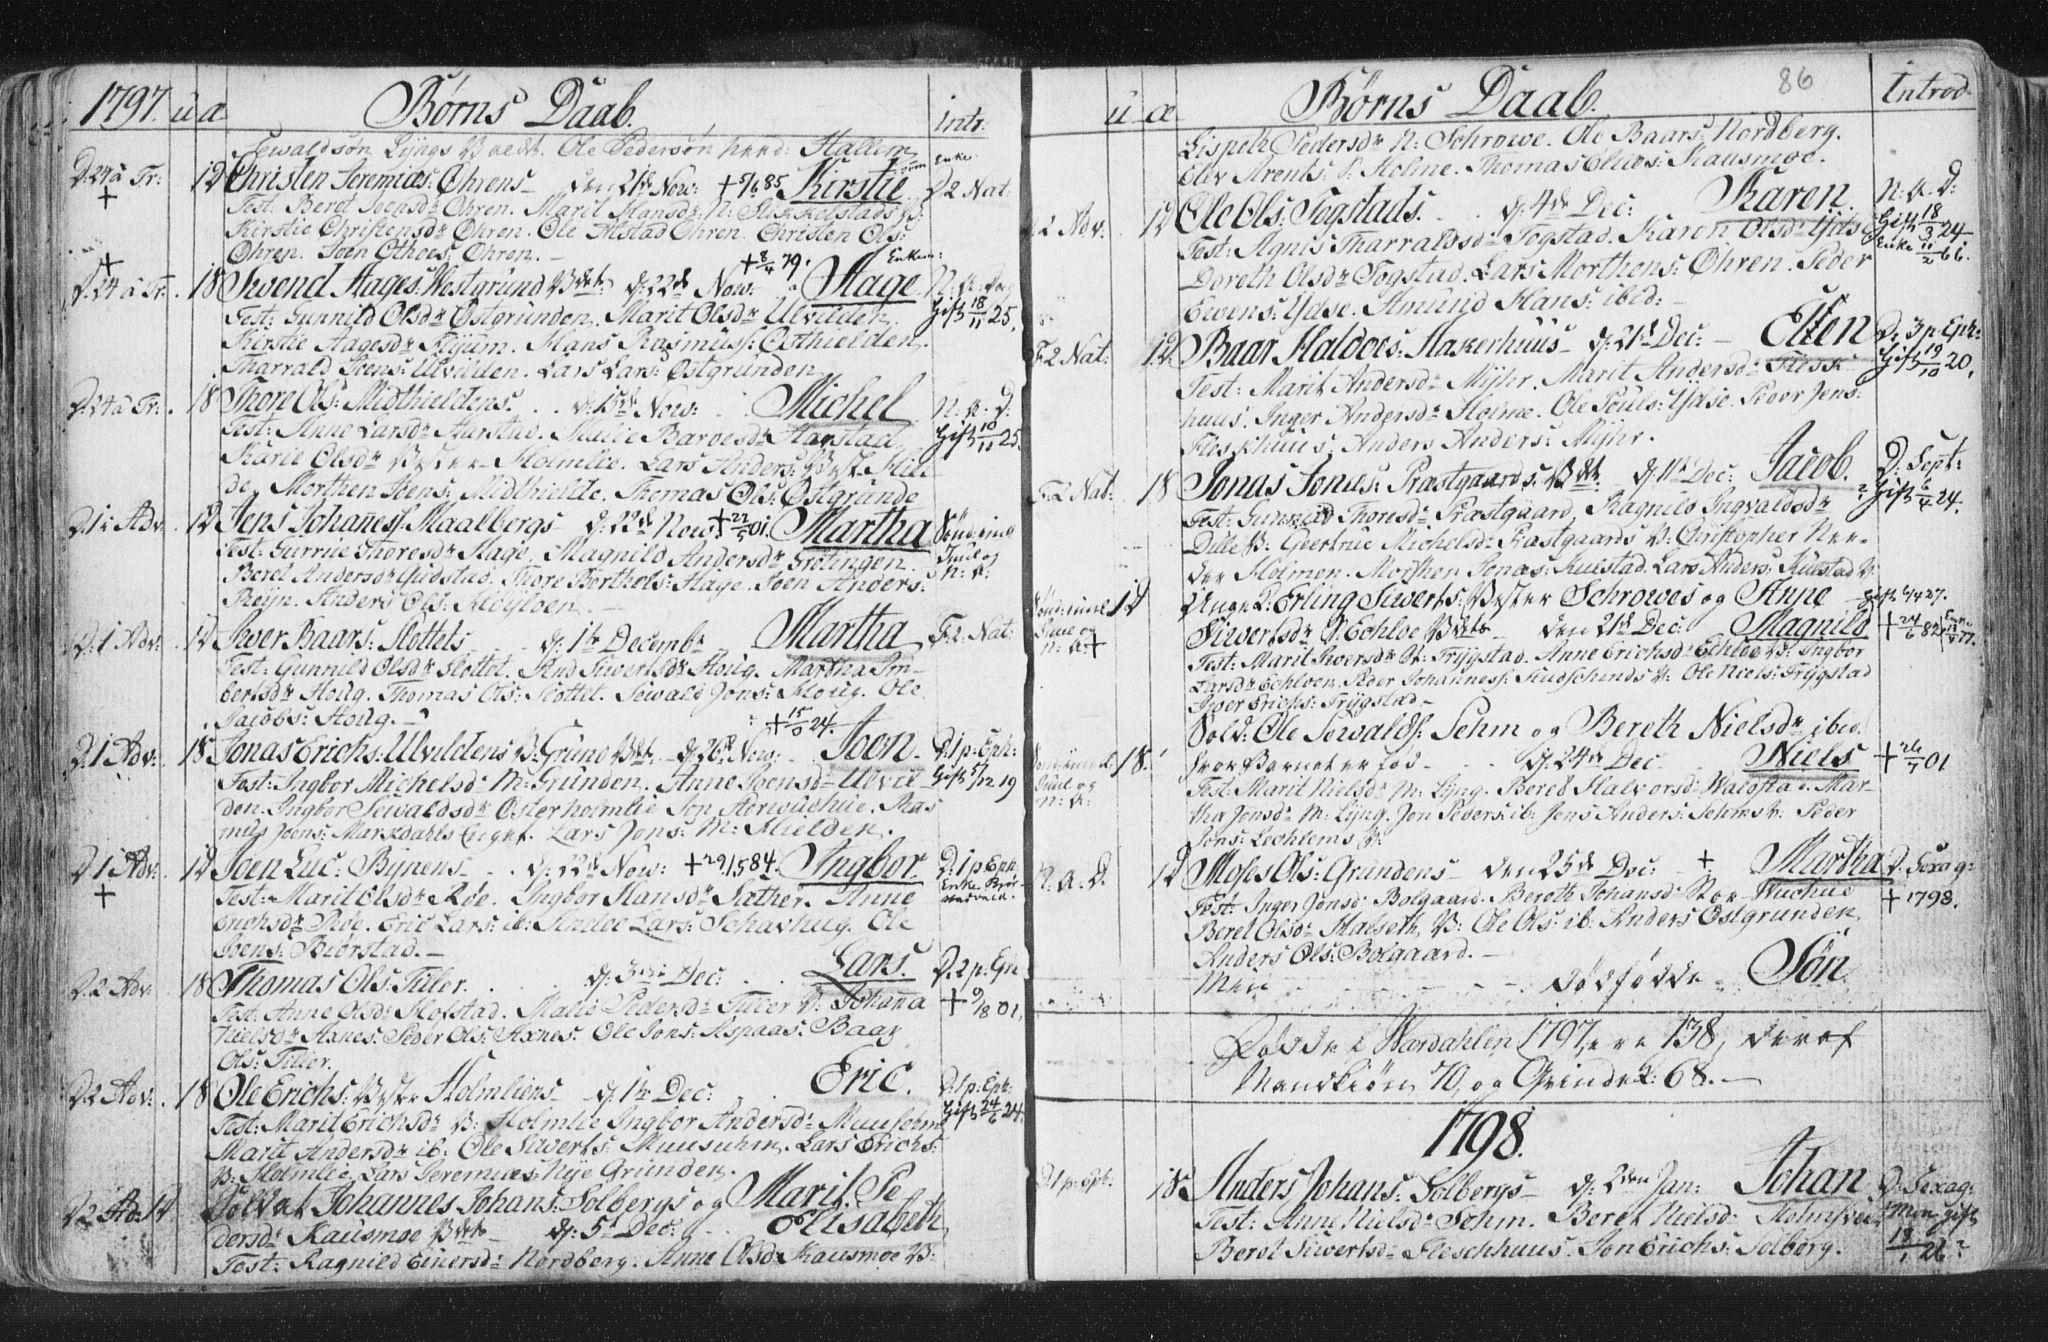 SAT, Ministerialprotokoller, klokkerbøker og fødselsregistre - Nord-Trøndelag, 723/L0232: Ministerialbok nr. 723A03, 1781-1804, s. 86